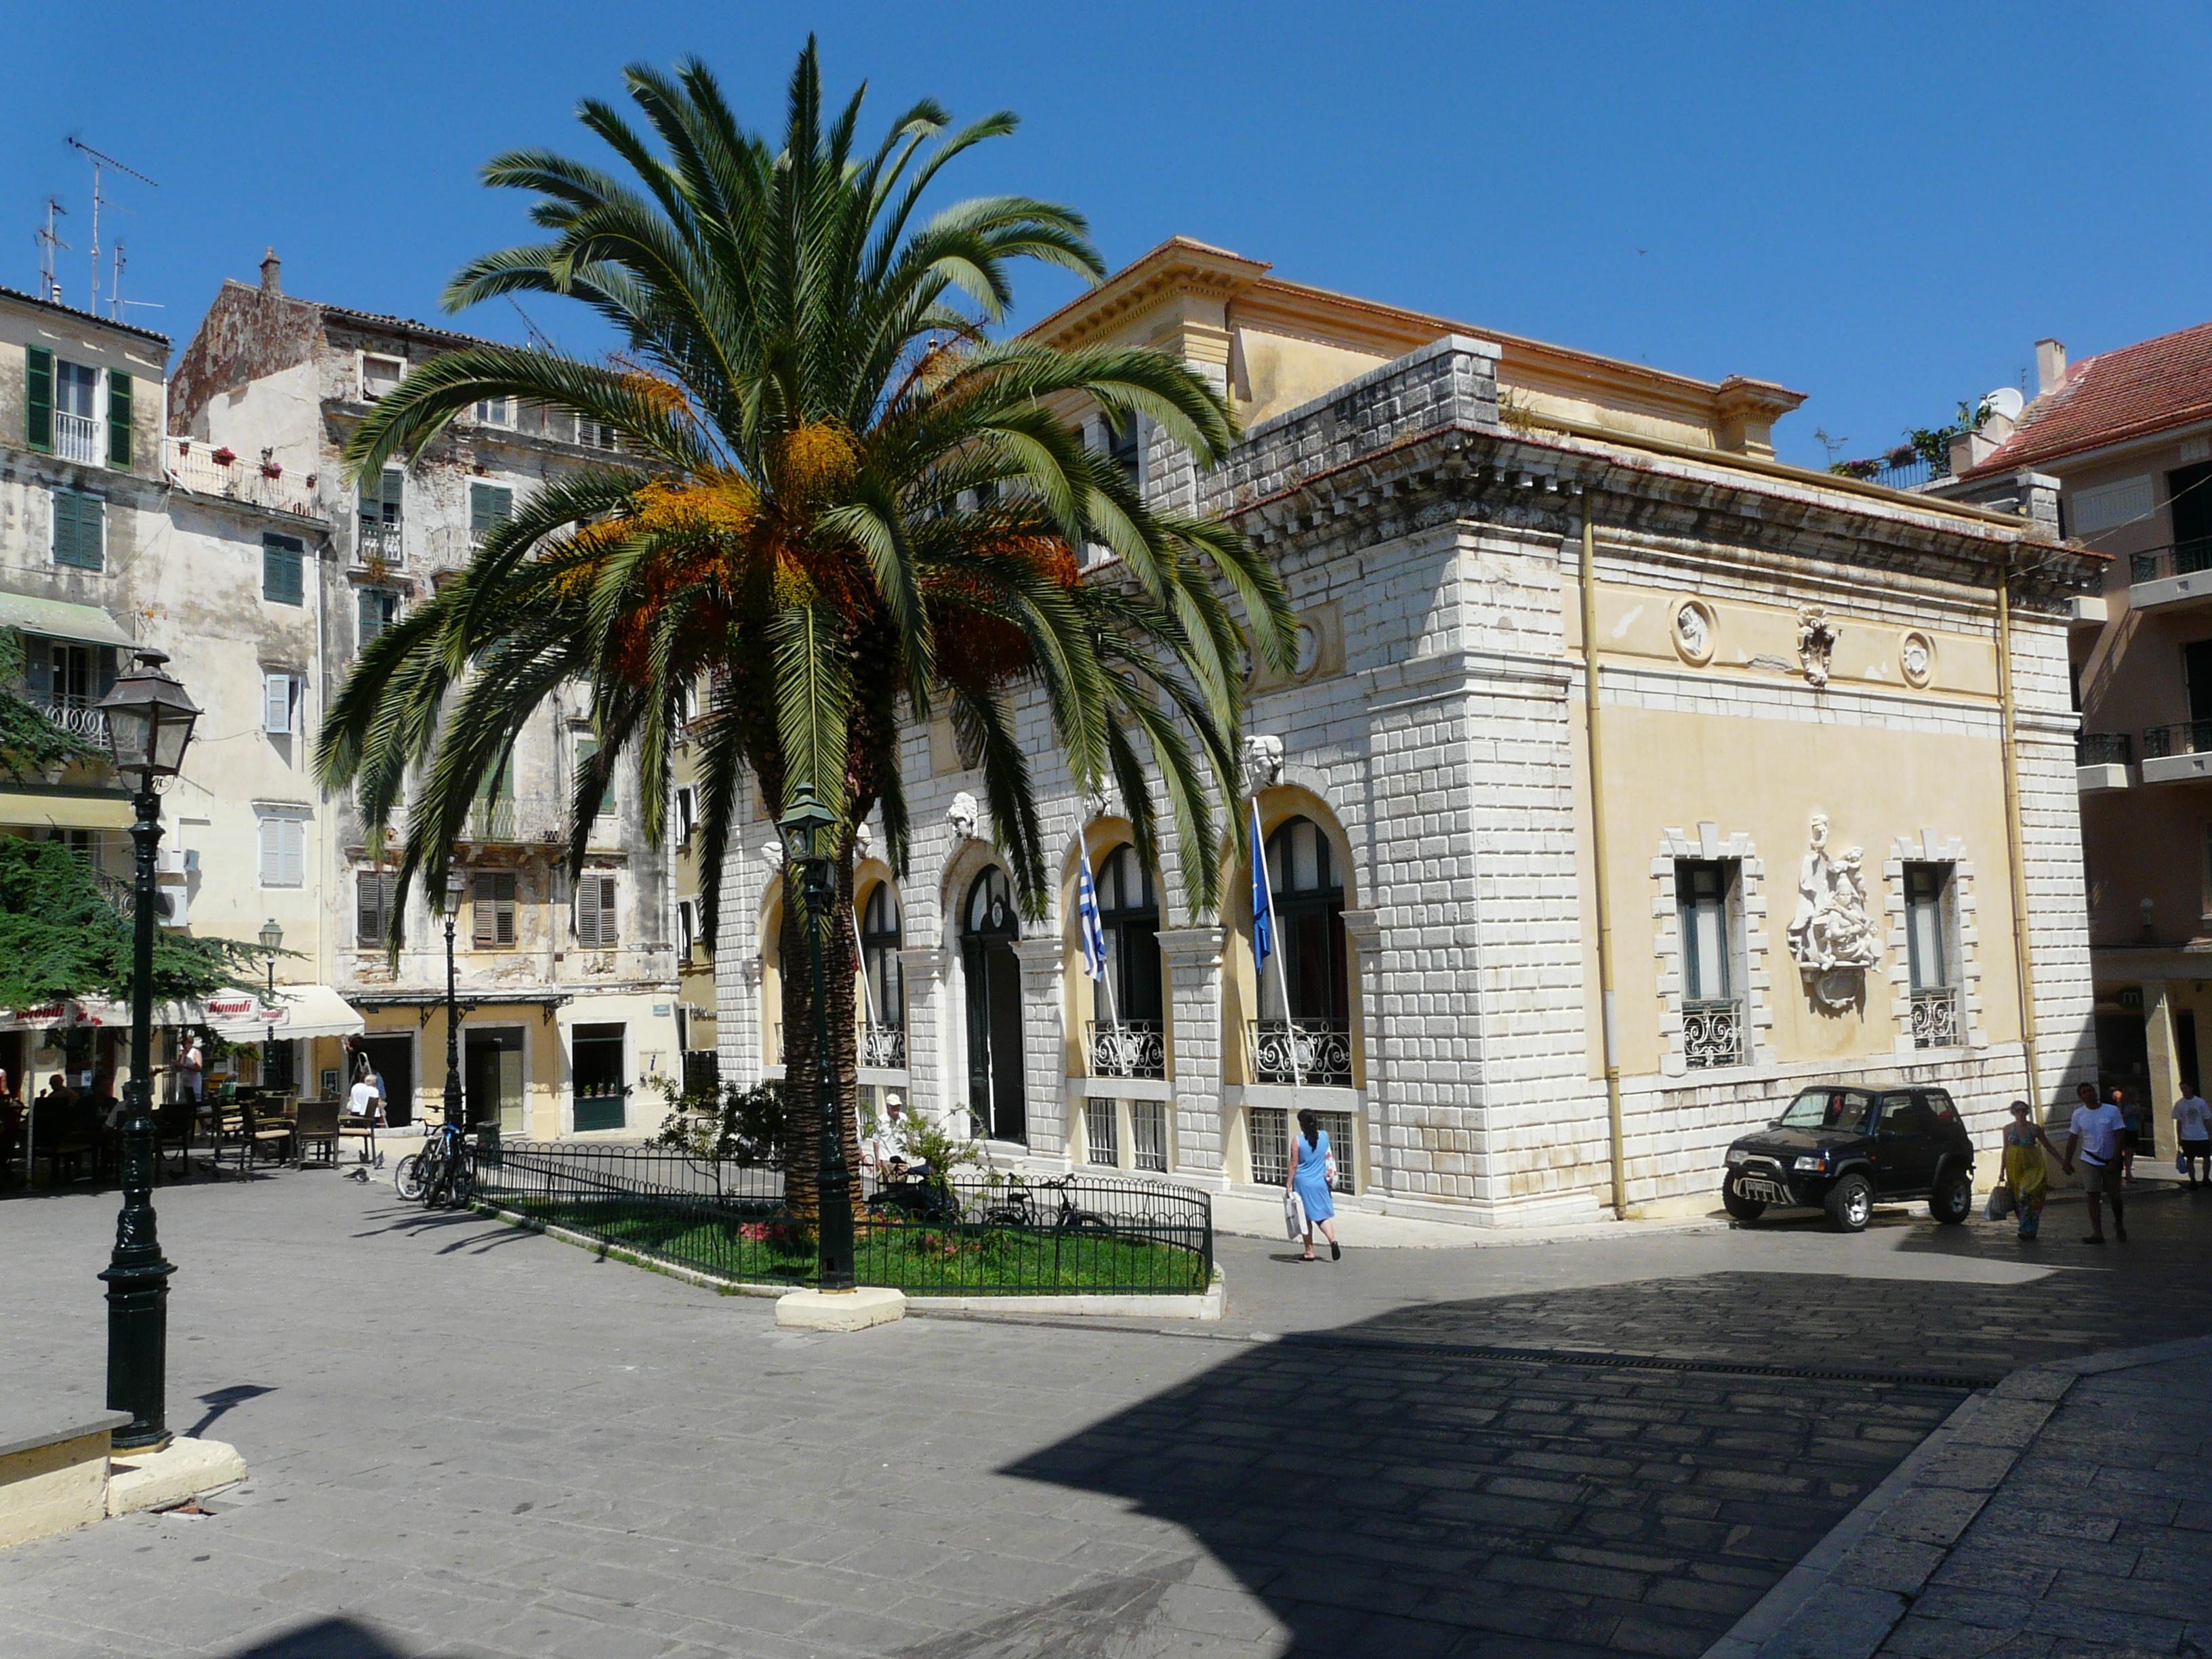 File:Corfu town 06.JPG